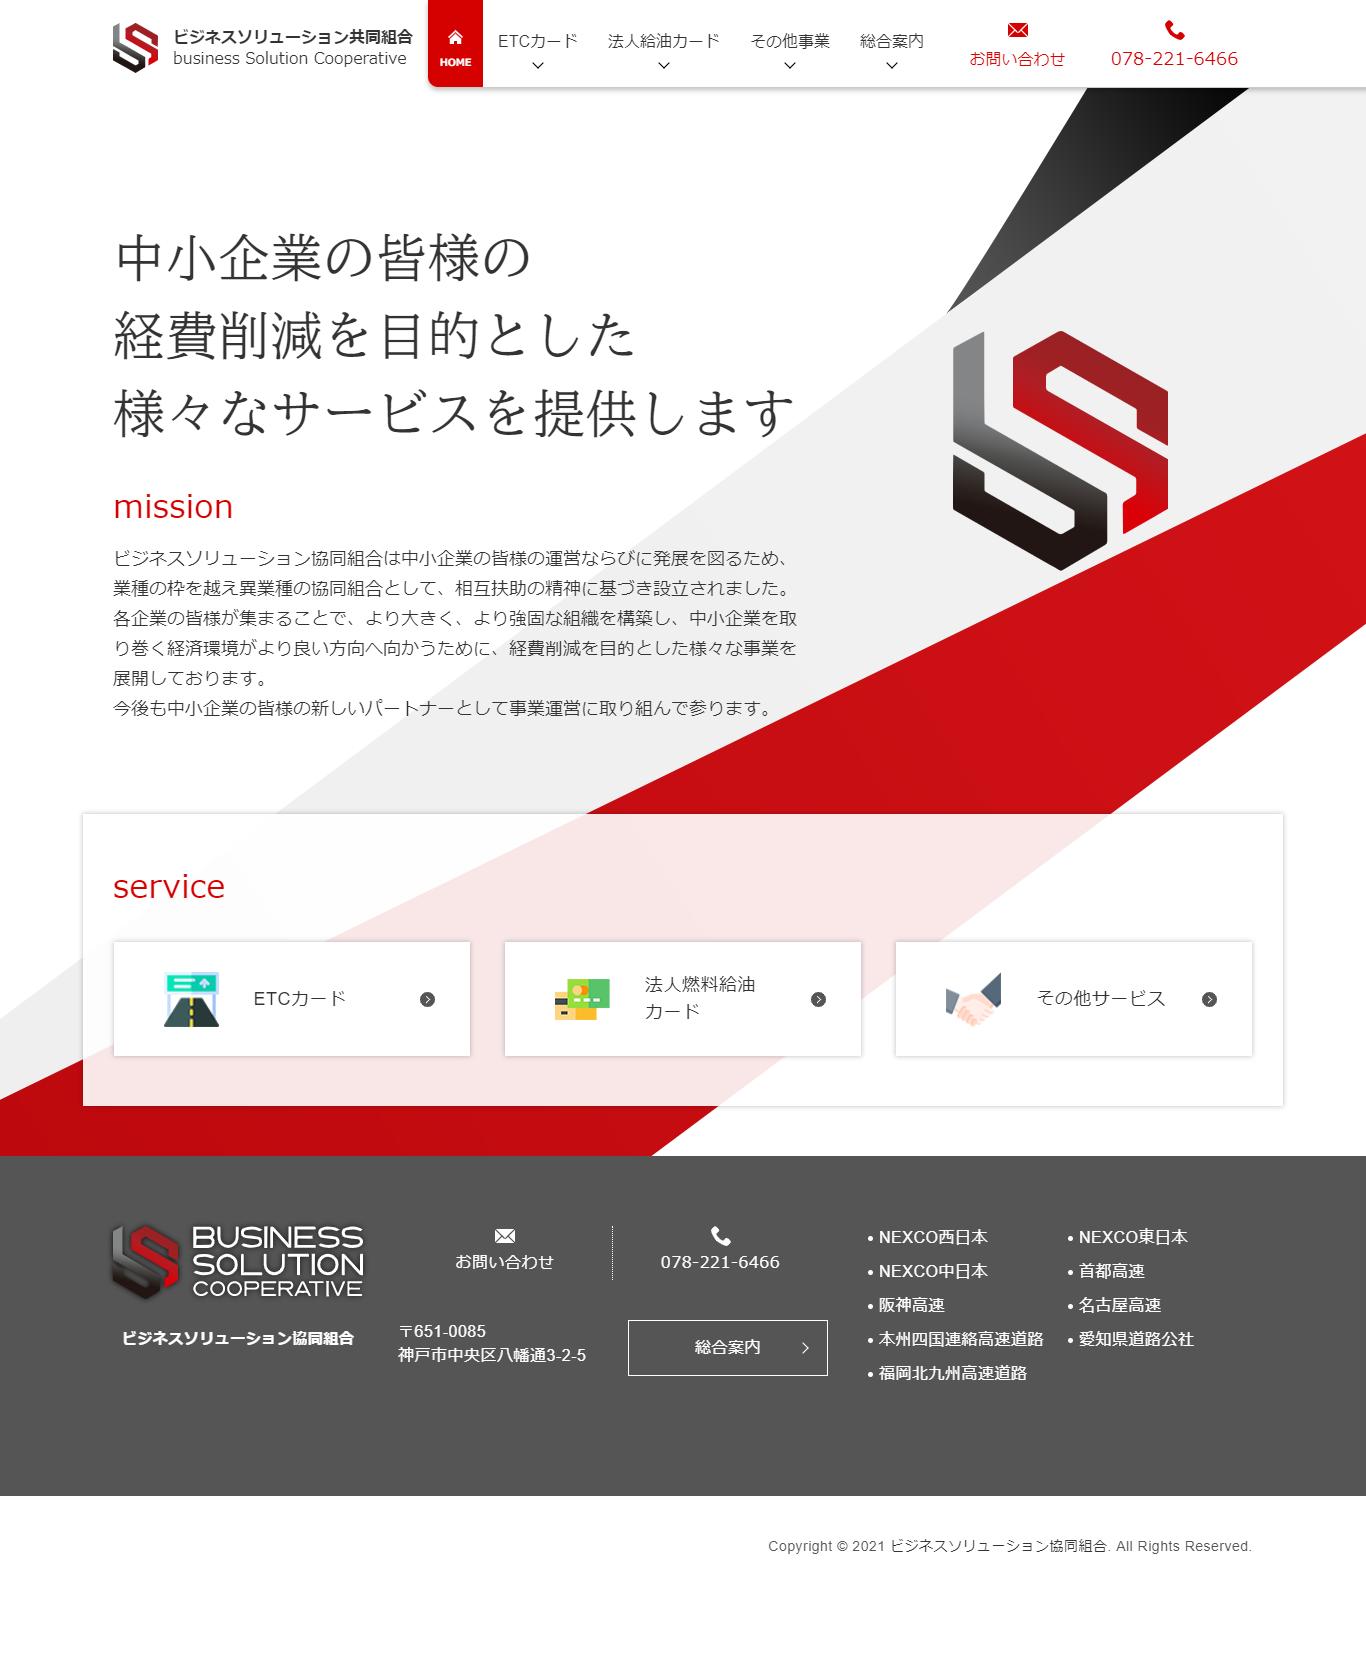 協同組合様ホームページ